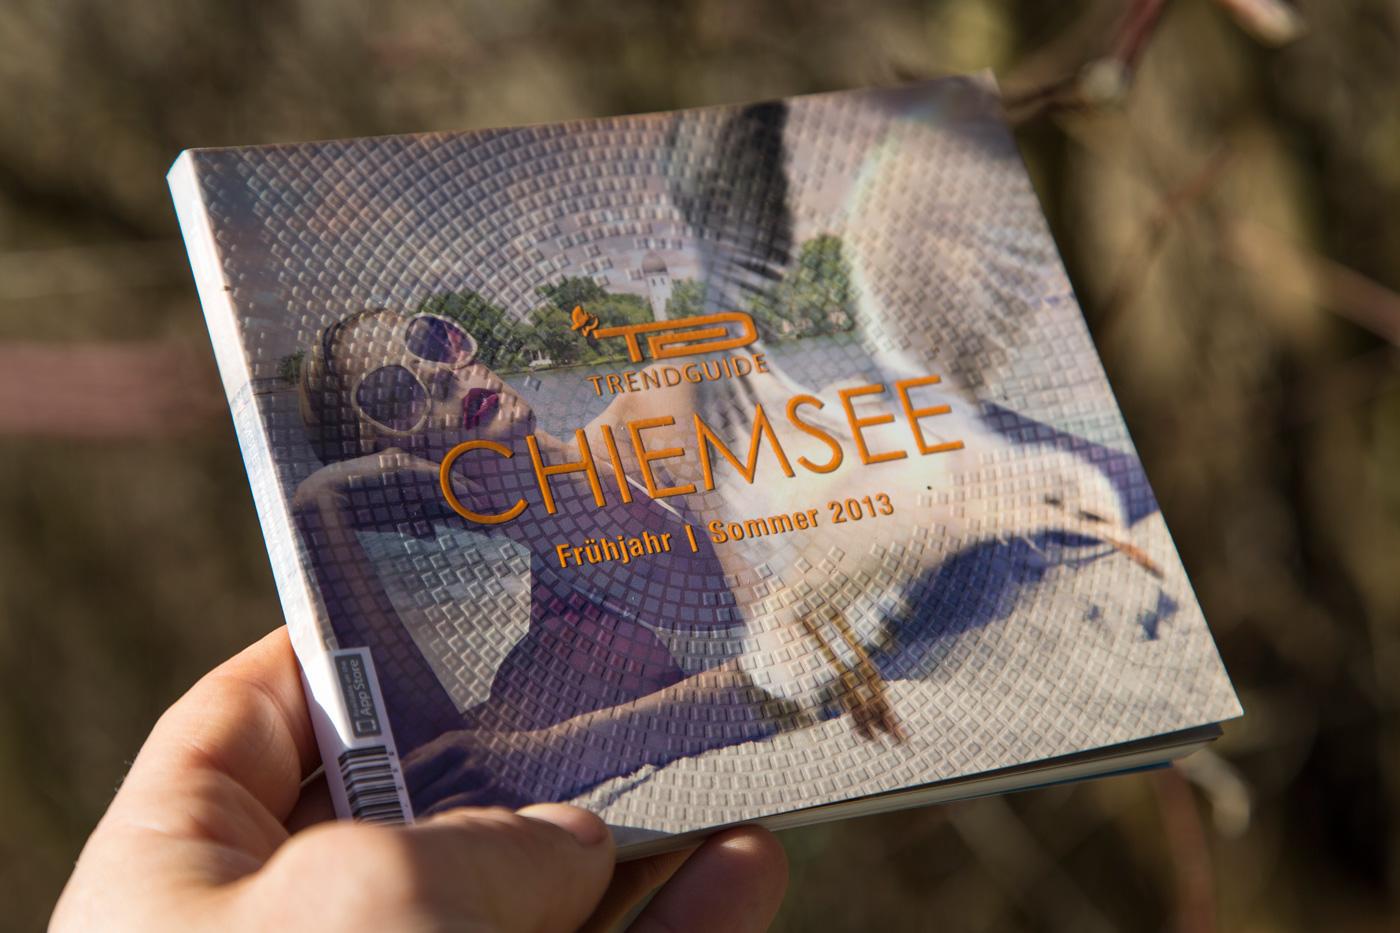 Trendguide Chiemsee